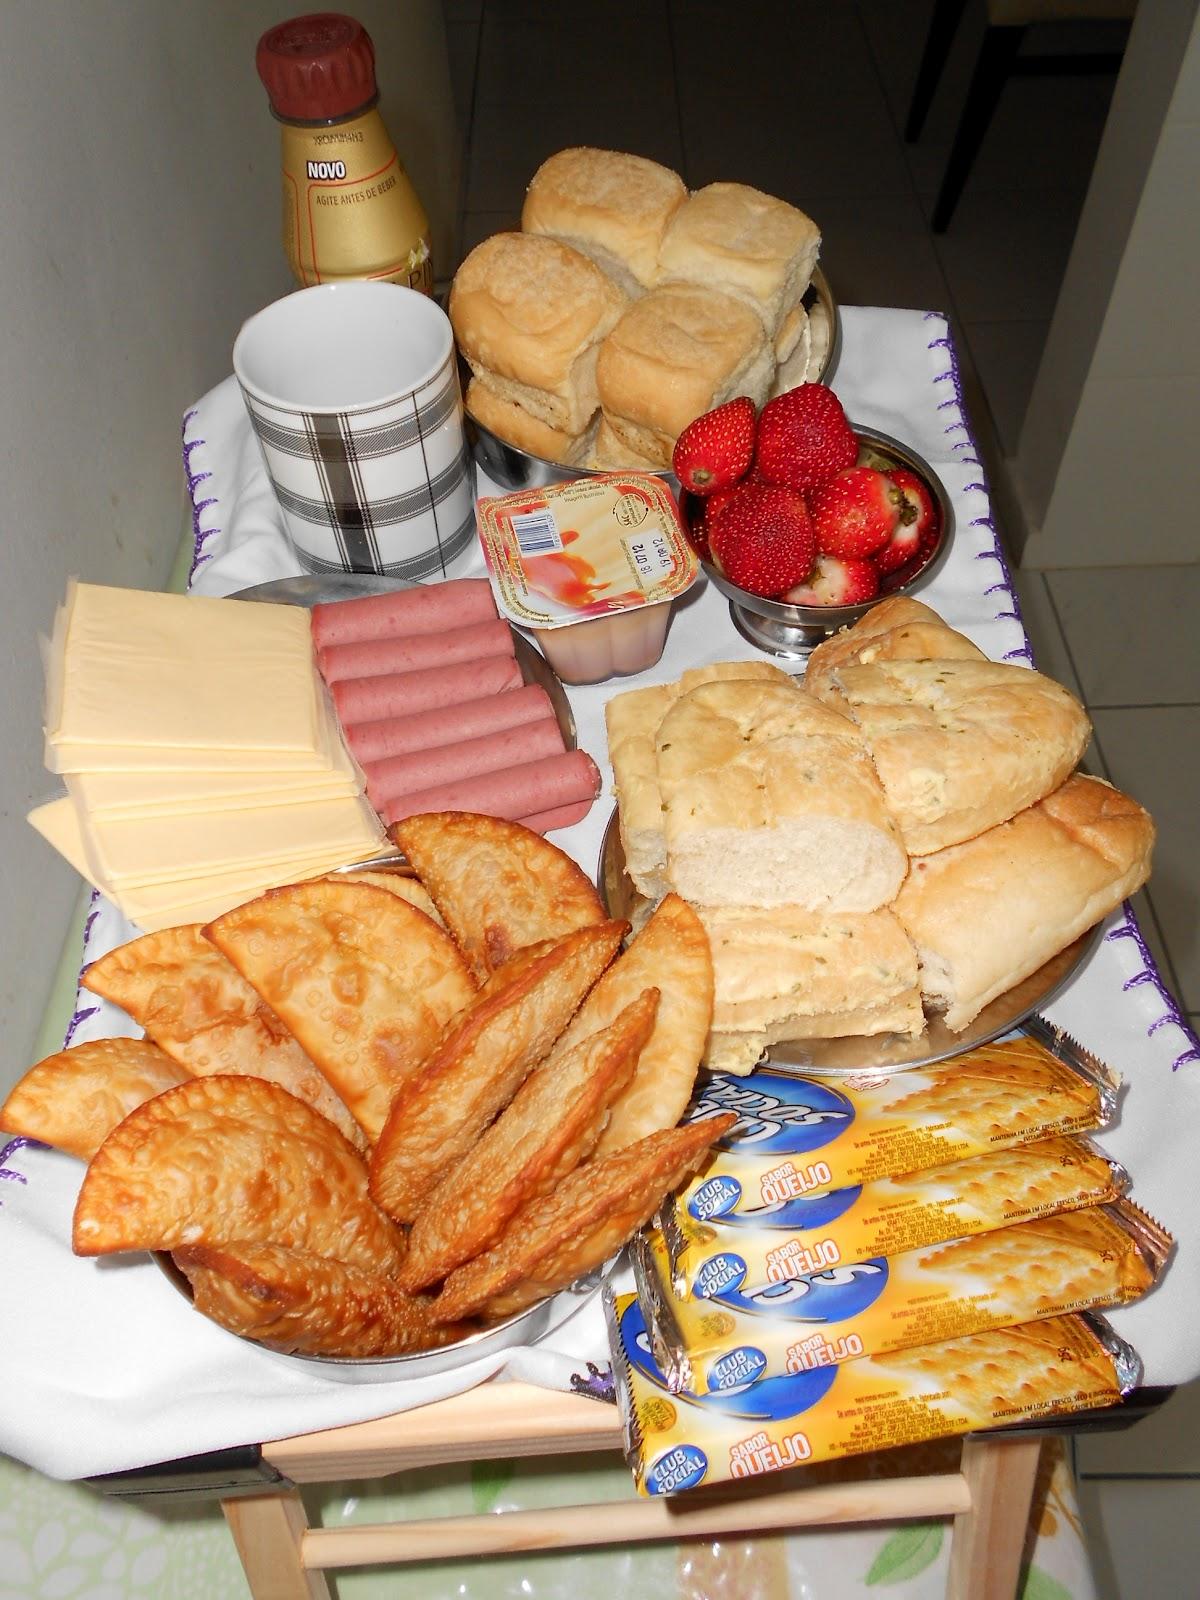 Super Agora sim, casada: Café da manhã na cama - Dia dos Pais BT53